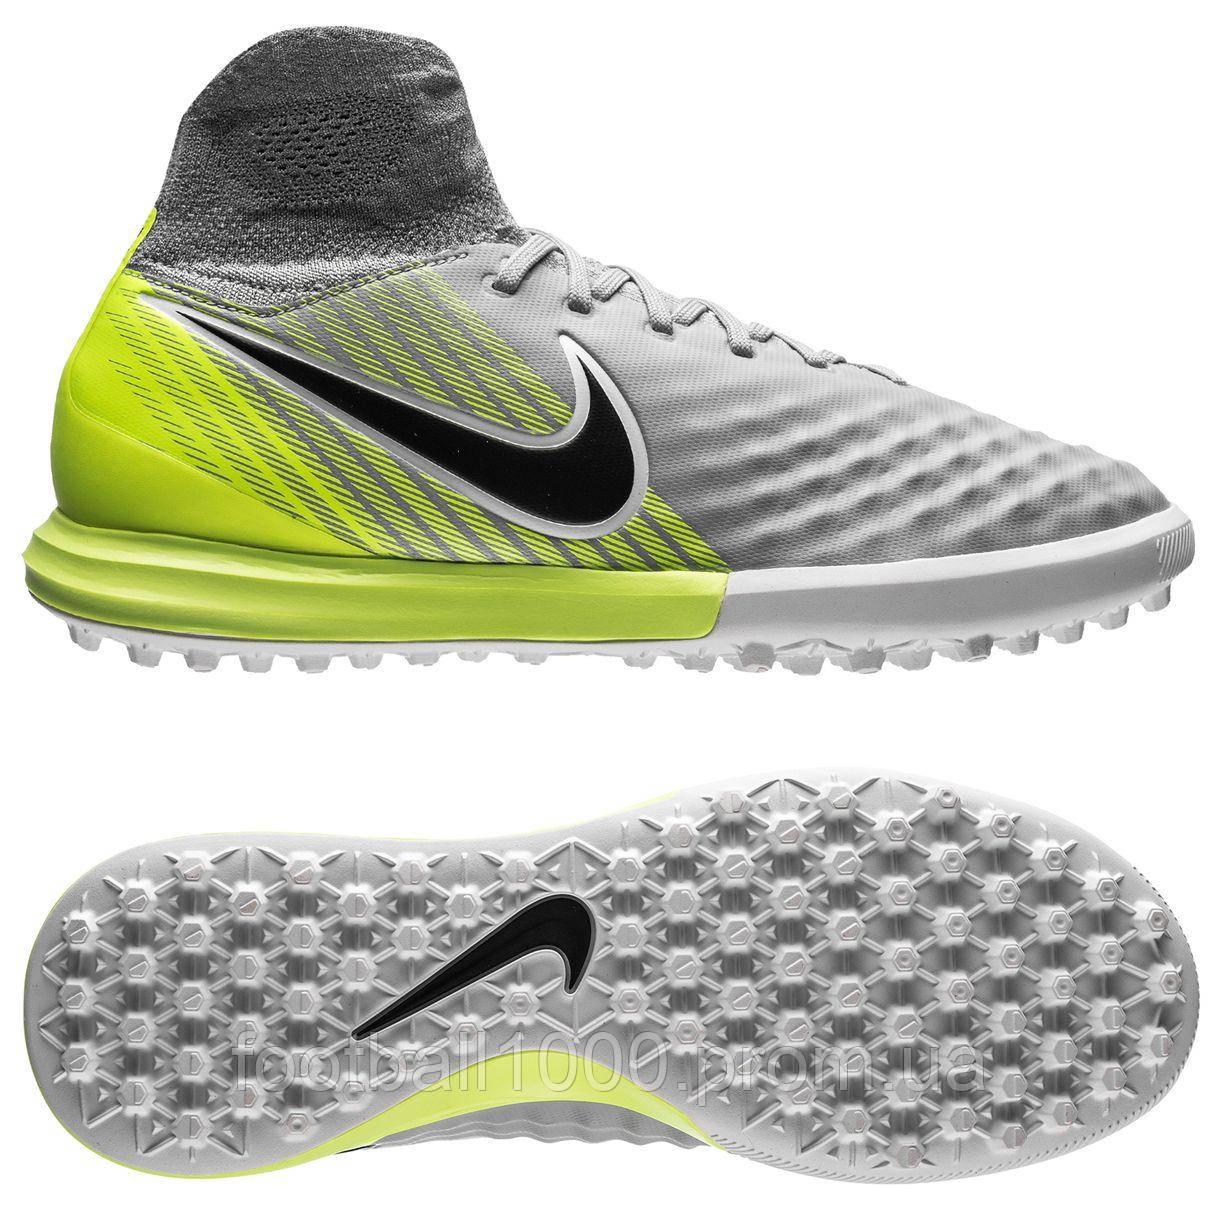 43b9041b Детские сороконожки Nike MagistaX Proximo II TF 843956-004: продажа ...